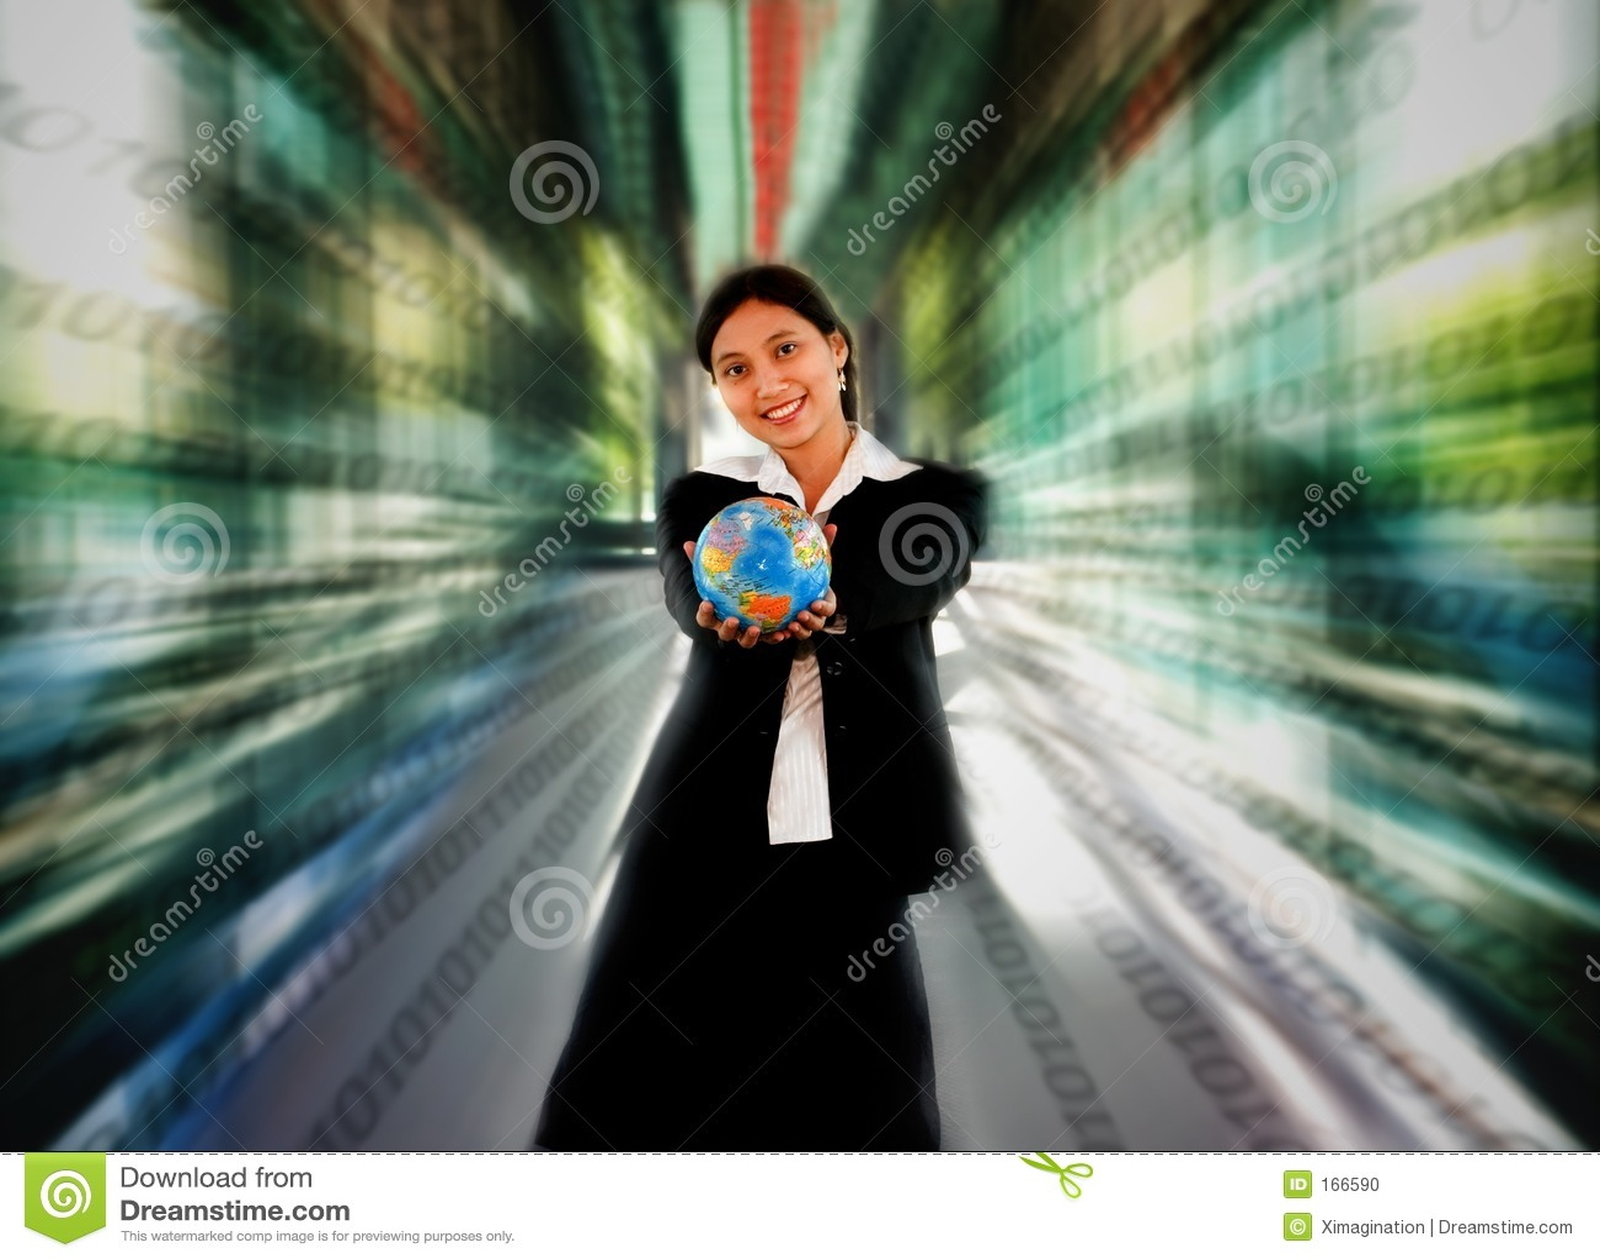 цифровой мир